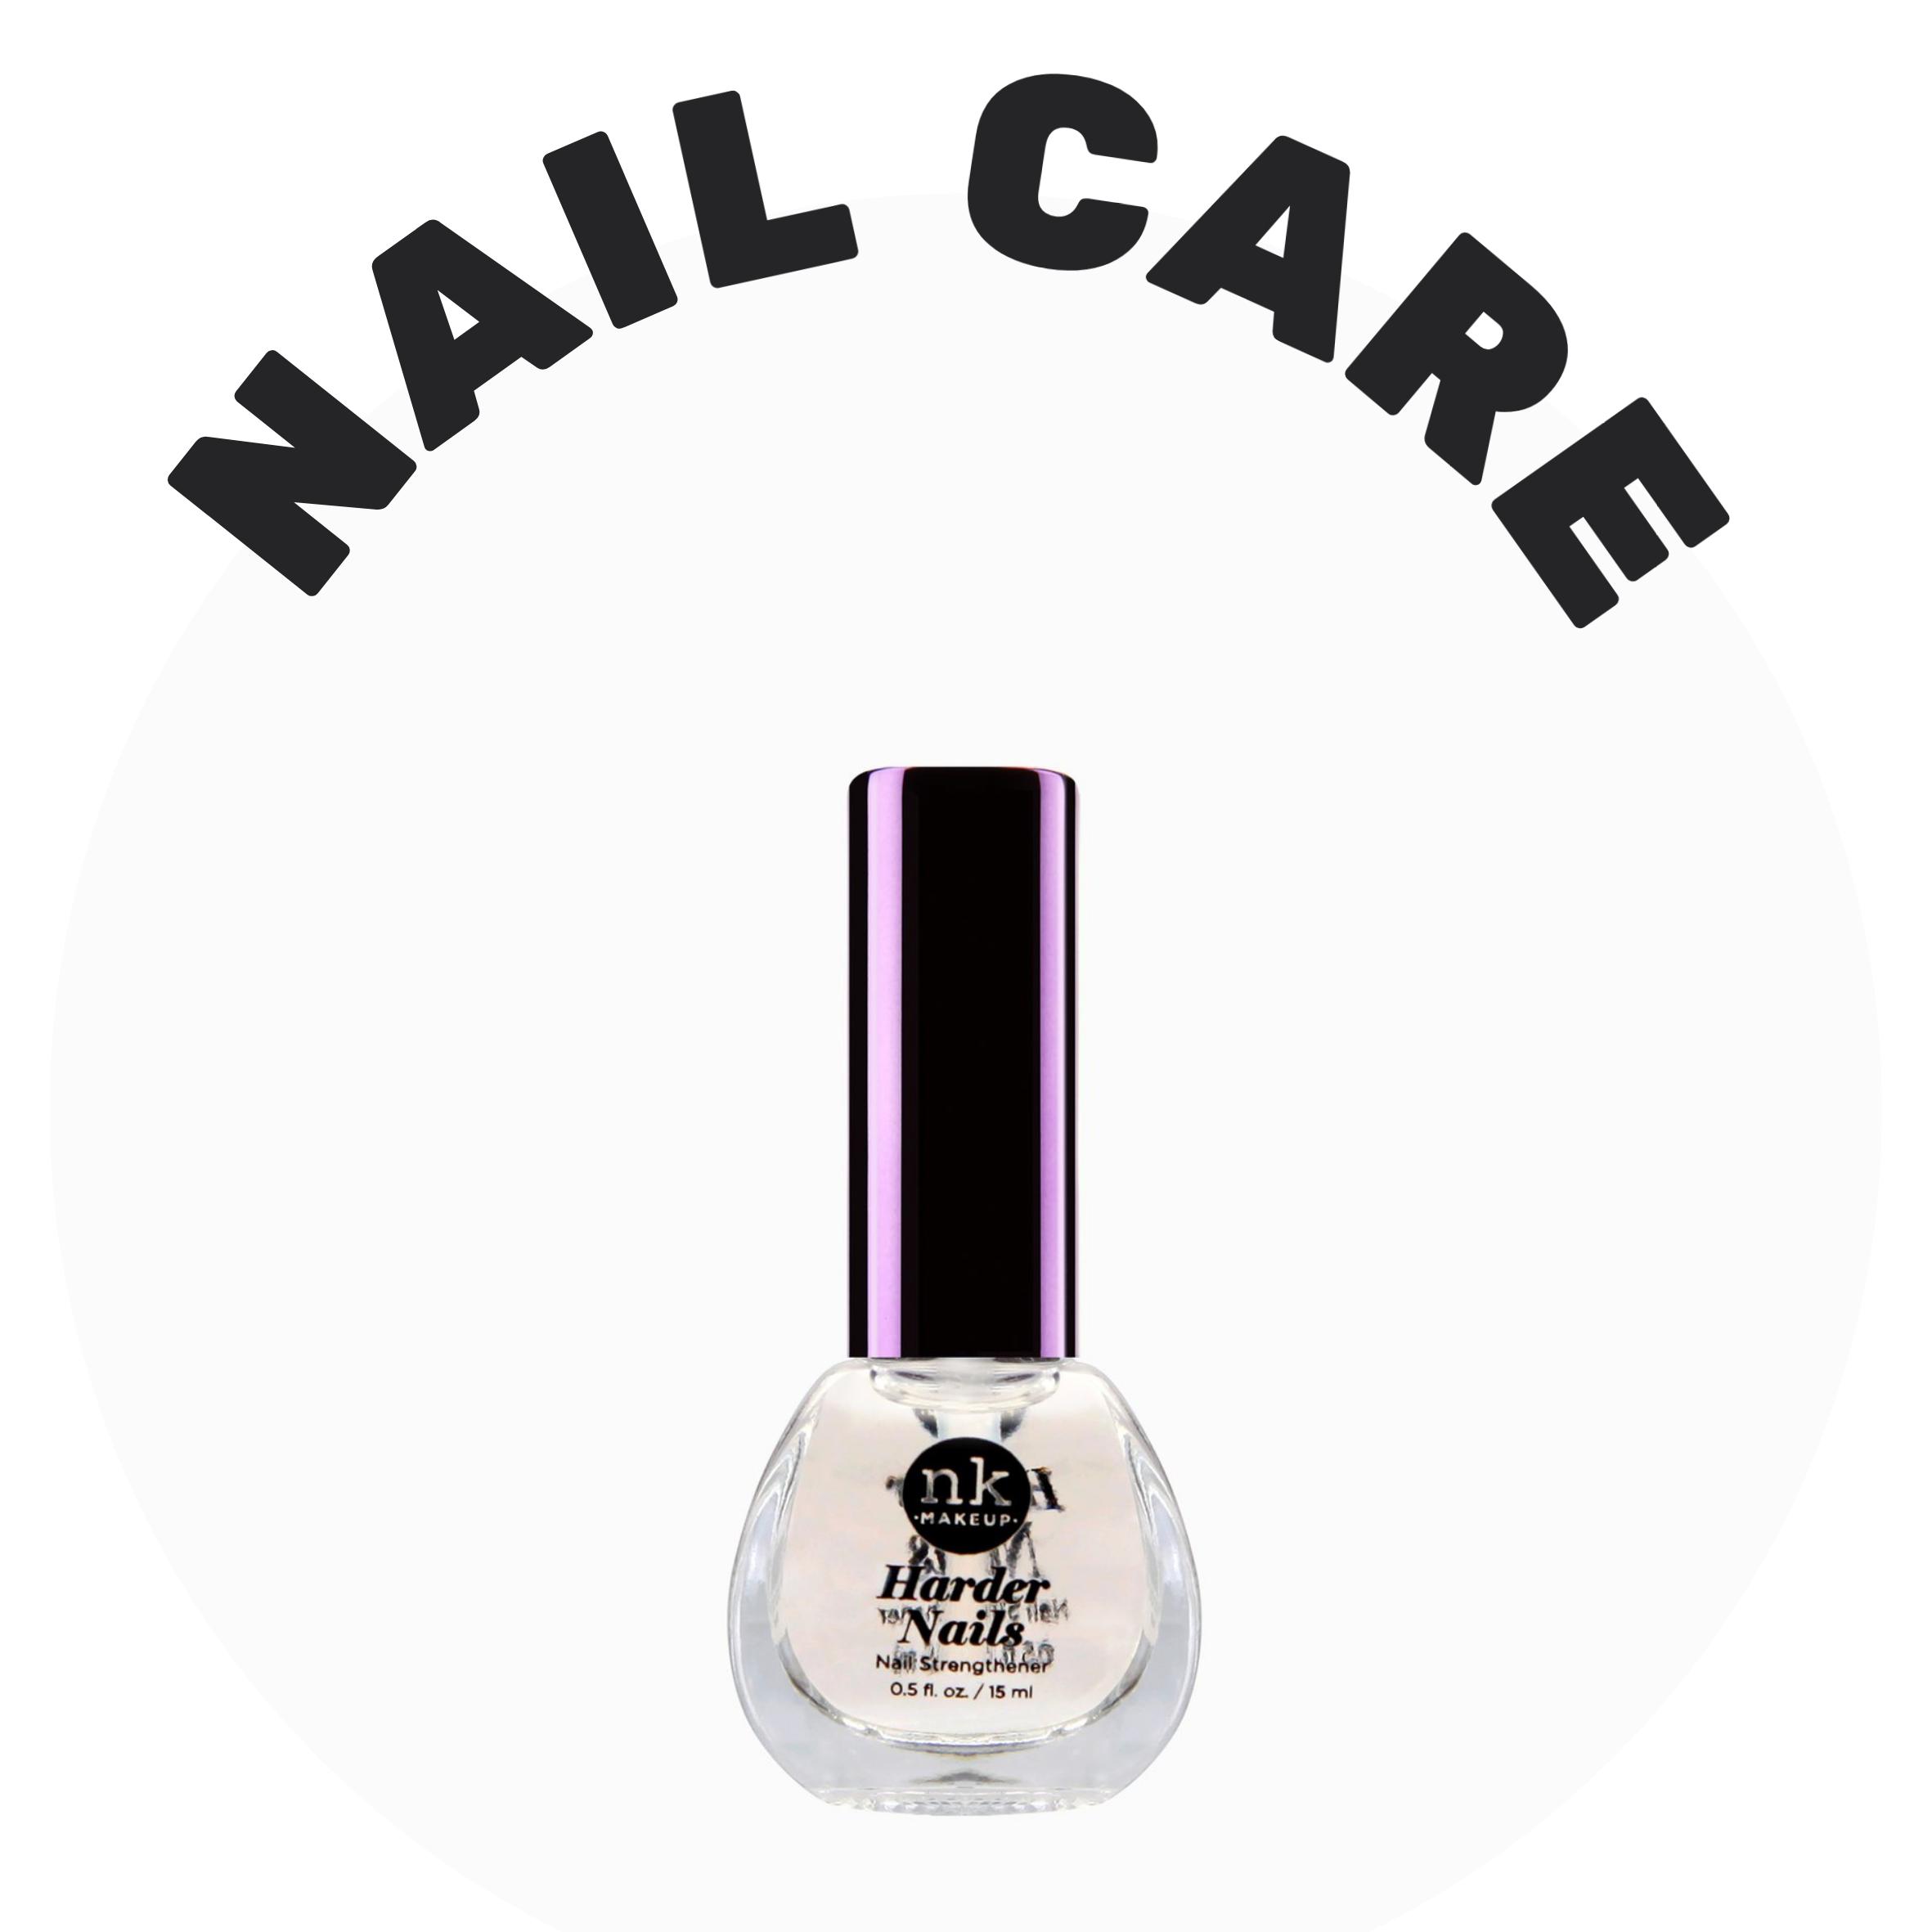 nail care from nail polish, cuticle oil, nail polish remover and acrylic nail tools